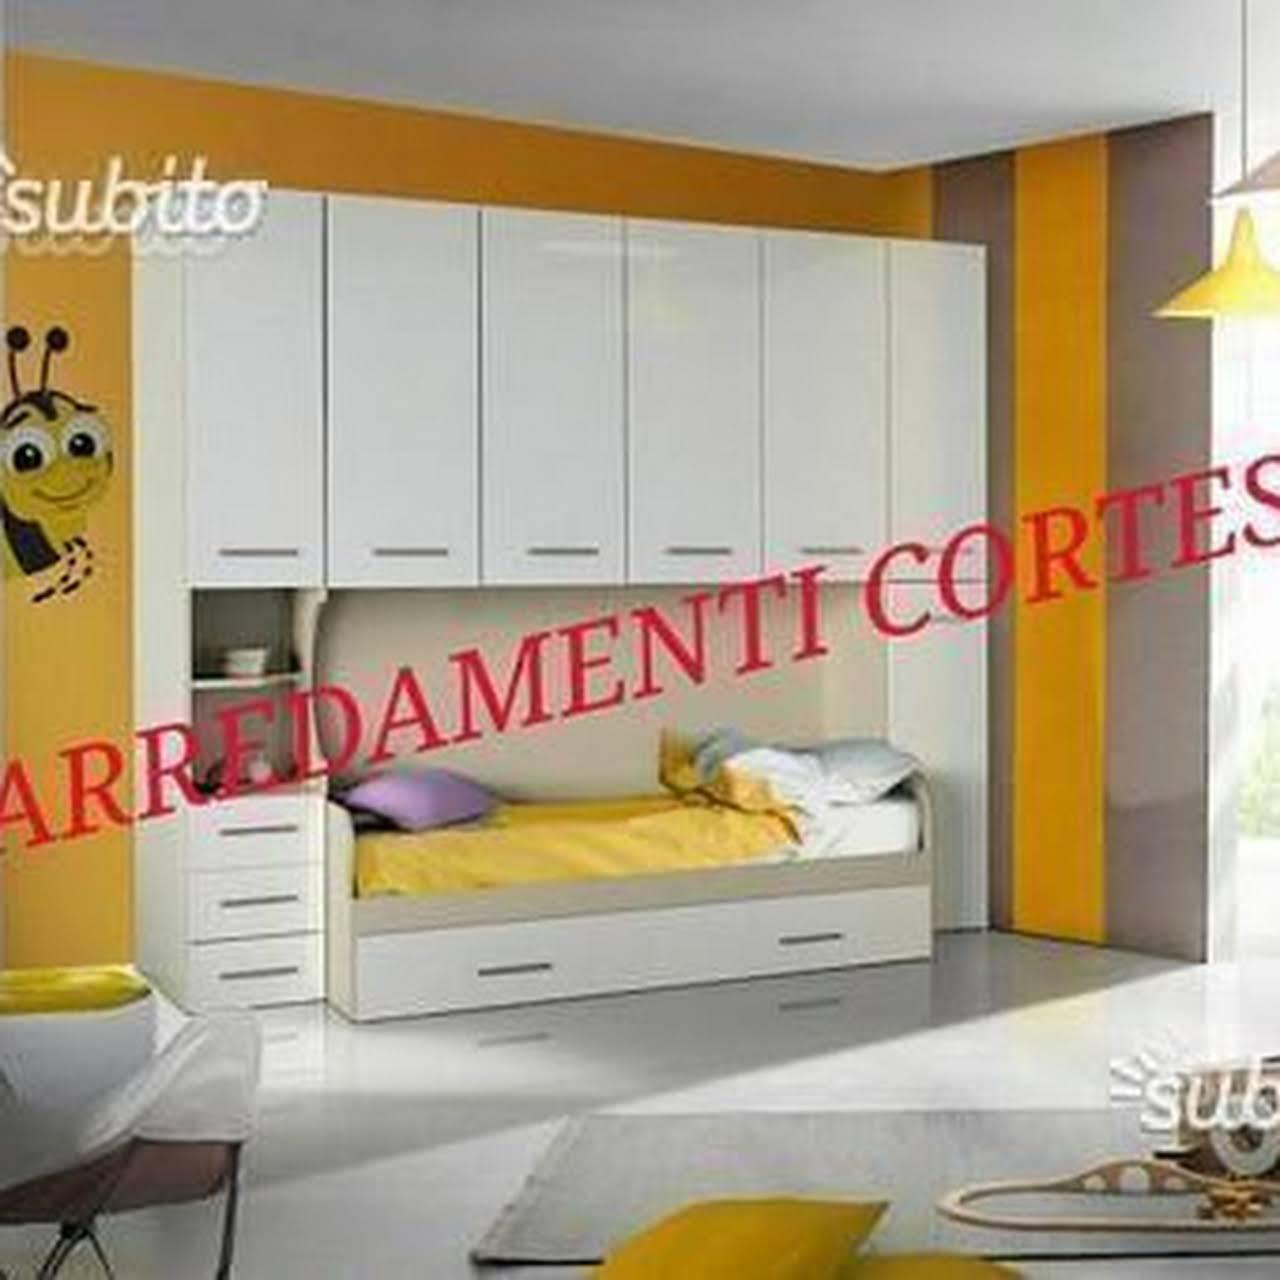 ARREDAMENTI CORTESE - Negozio Di Arredamento Rustico a ...